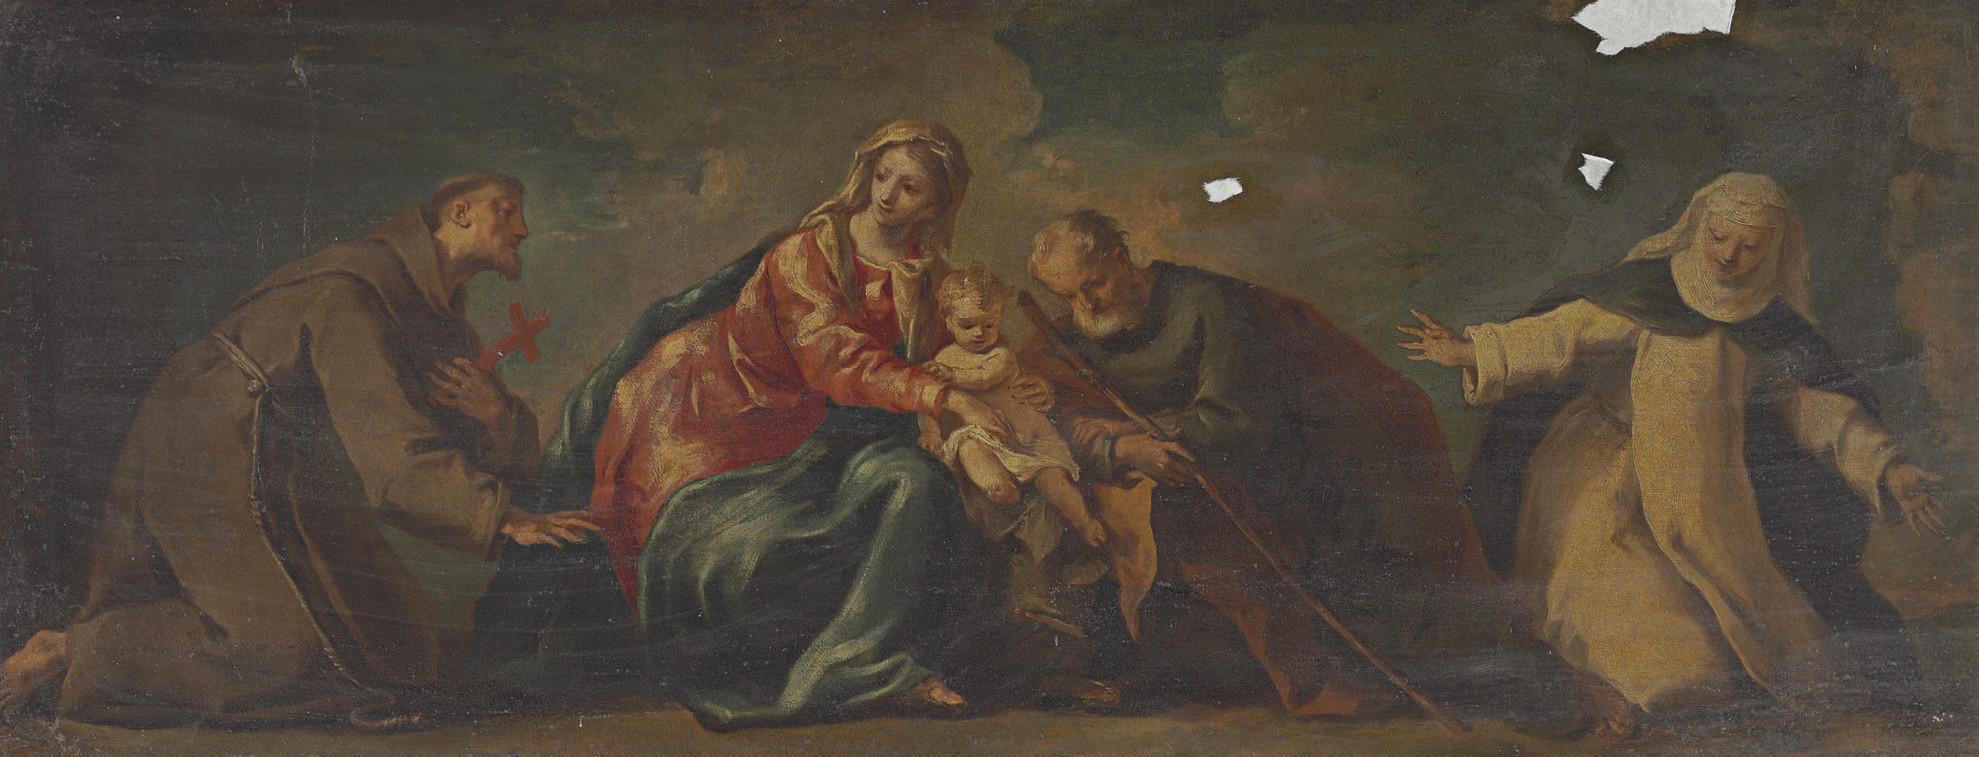 Nicola Grassi Formea 1682-c. 1